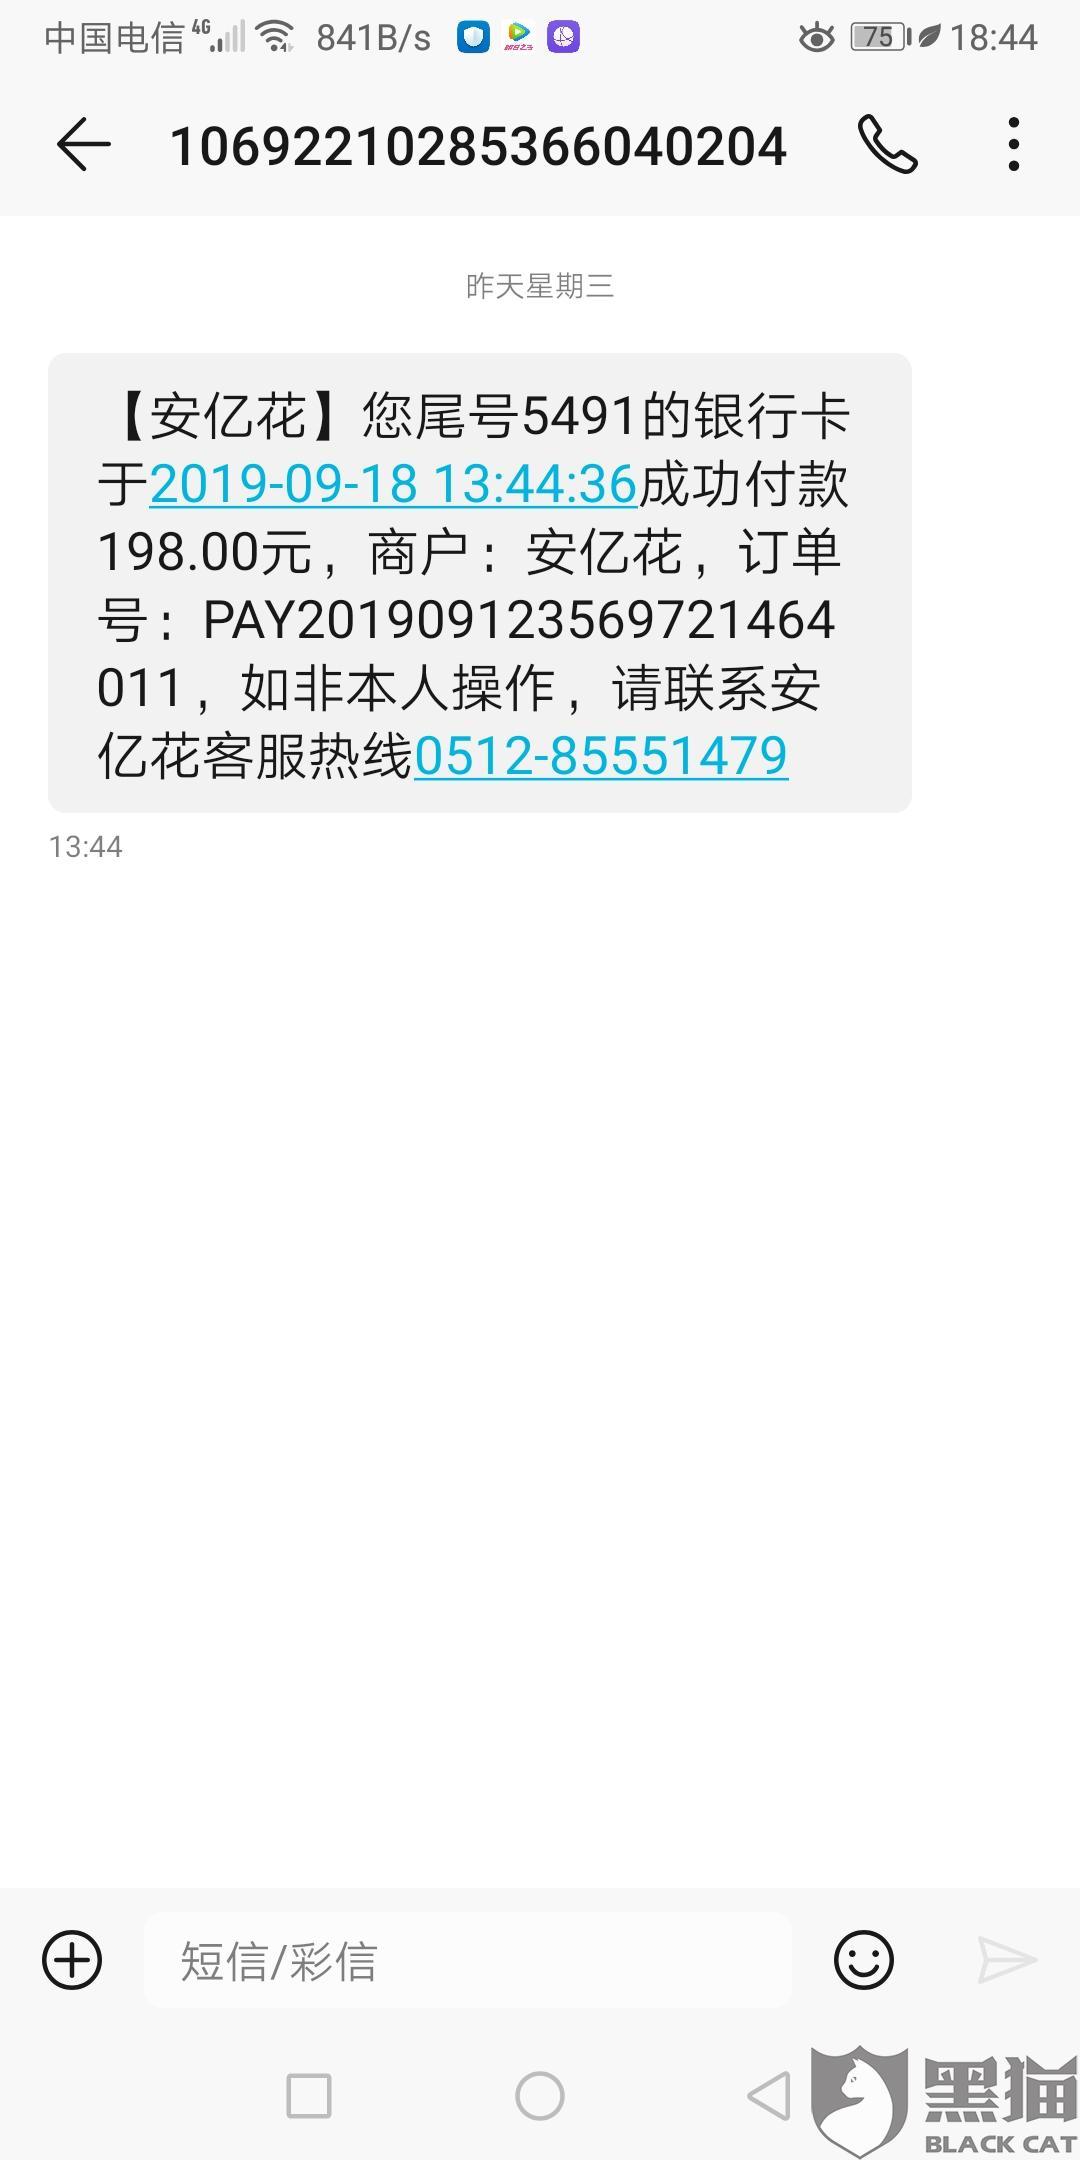 黑猫投诉:安亿花App苏州洲迹通电子科技有限公司